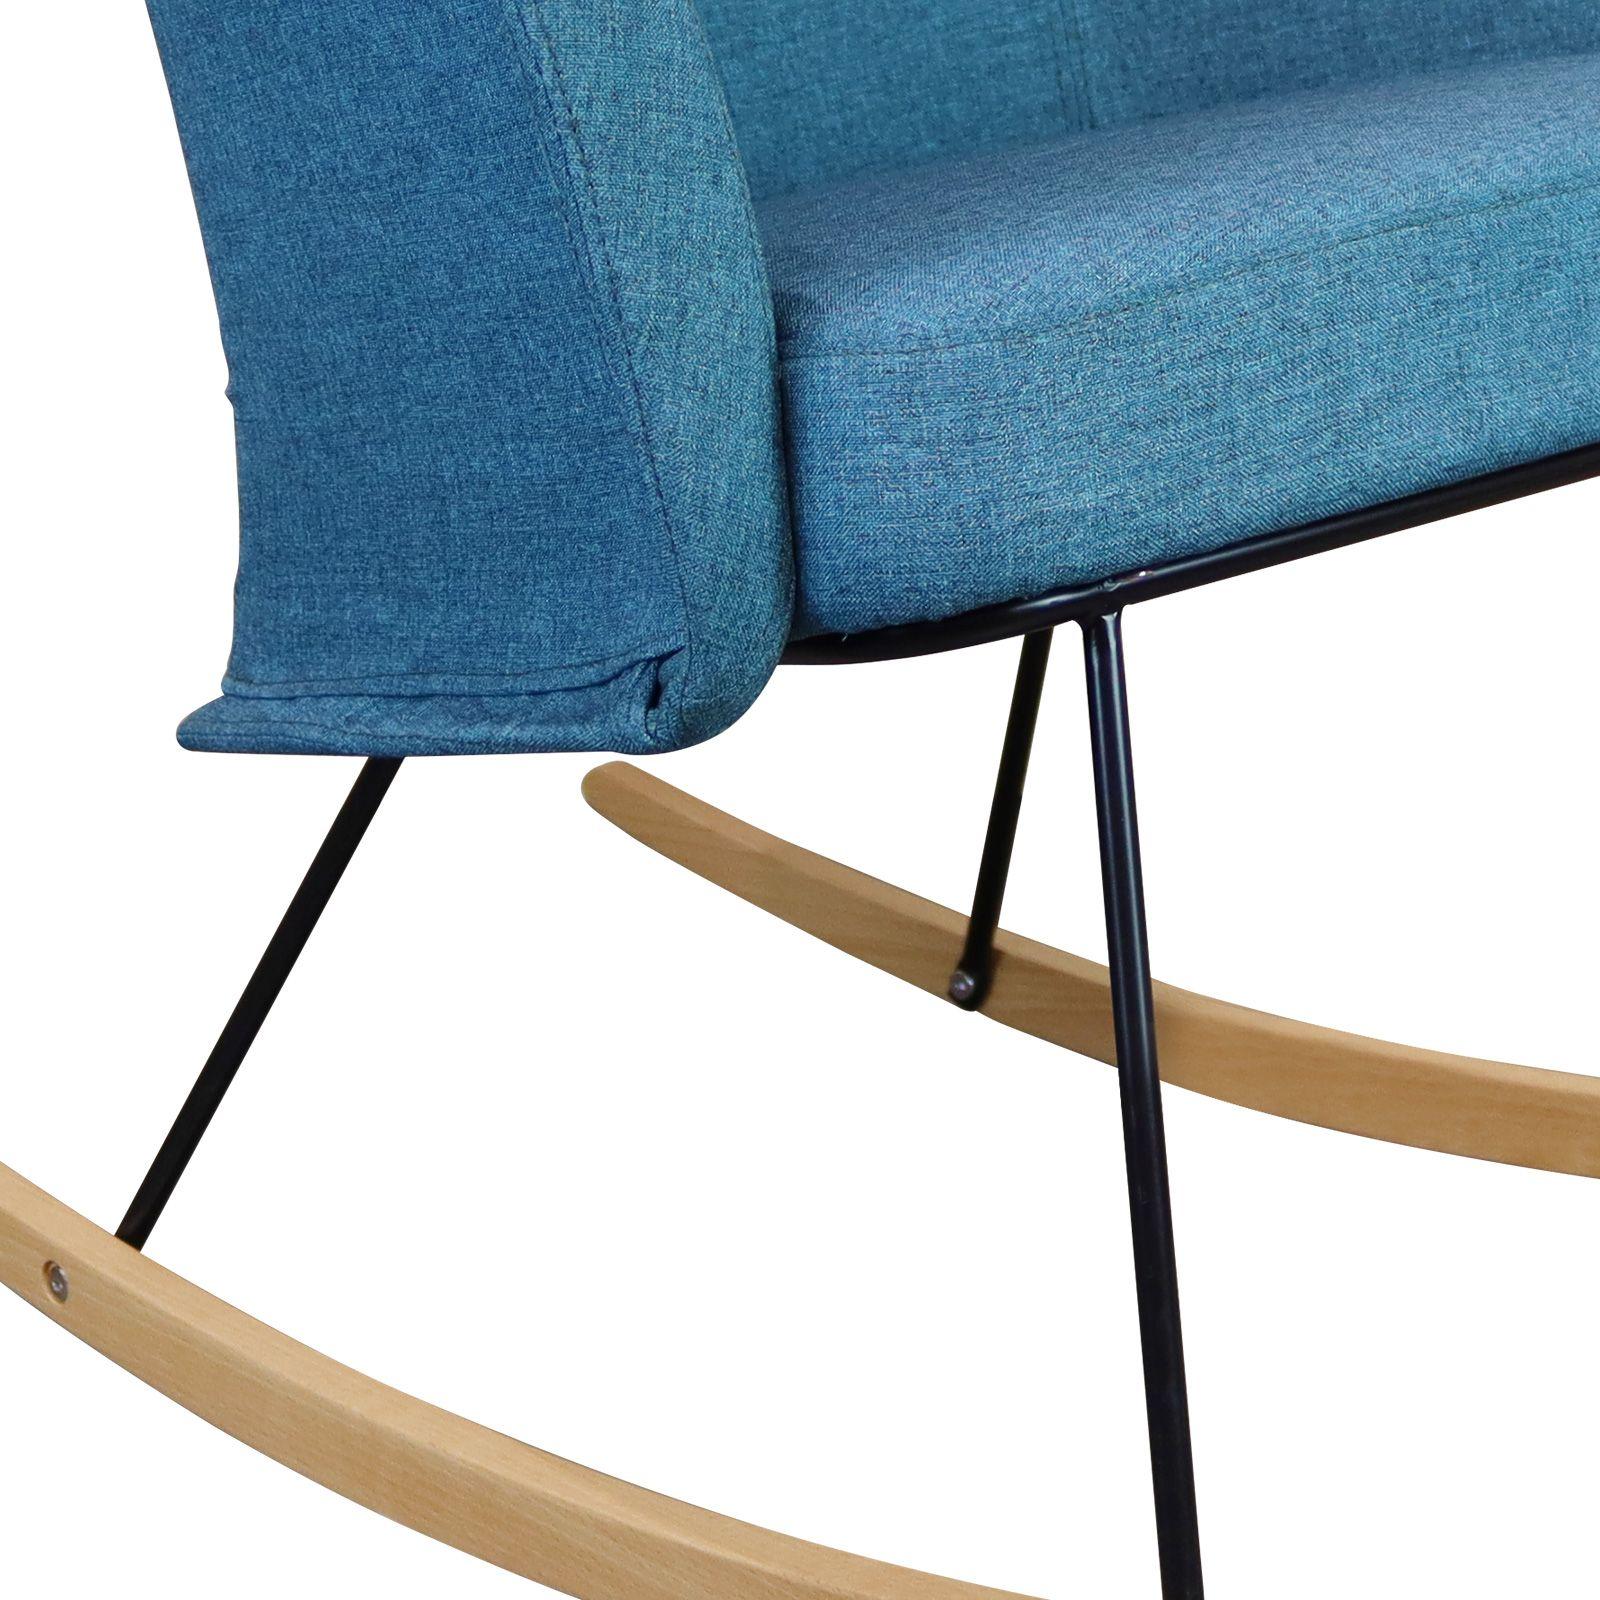 KAMIL | Mecedora tapizada aguamarina (68,4 x 82,3 x 86,5 cm)